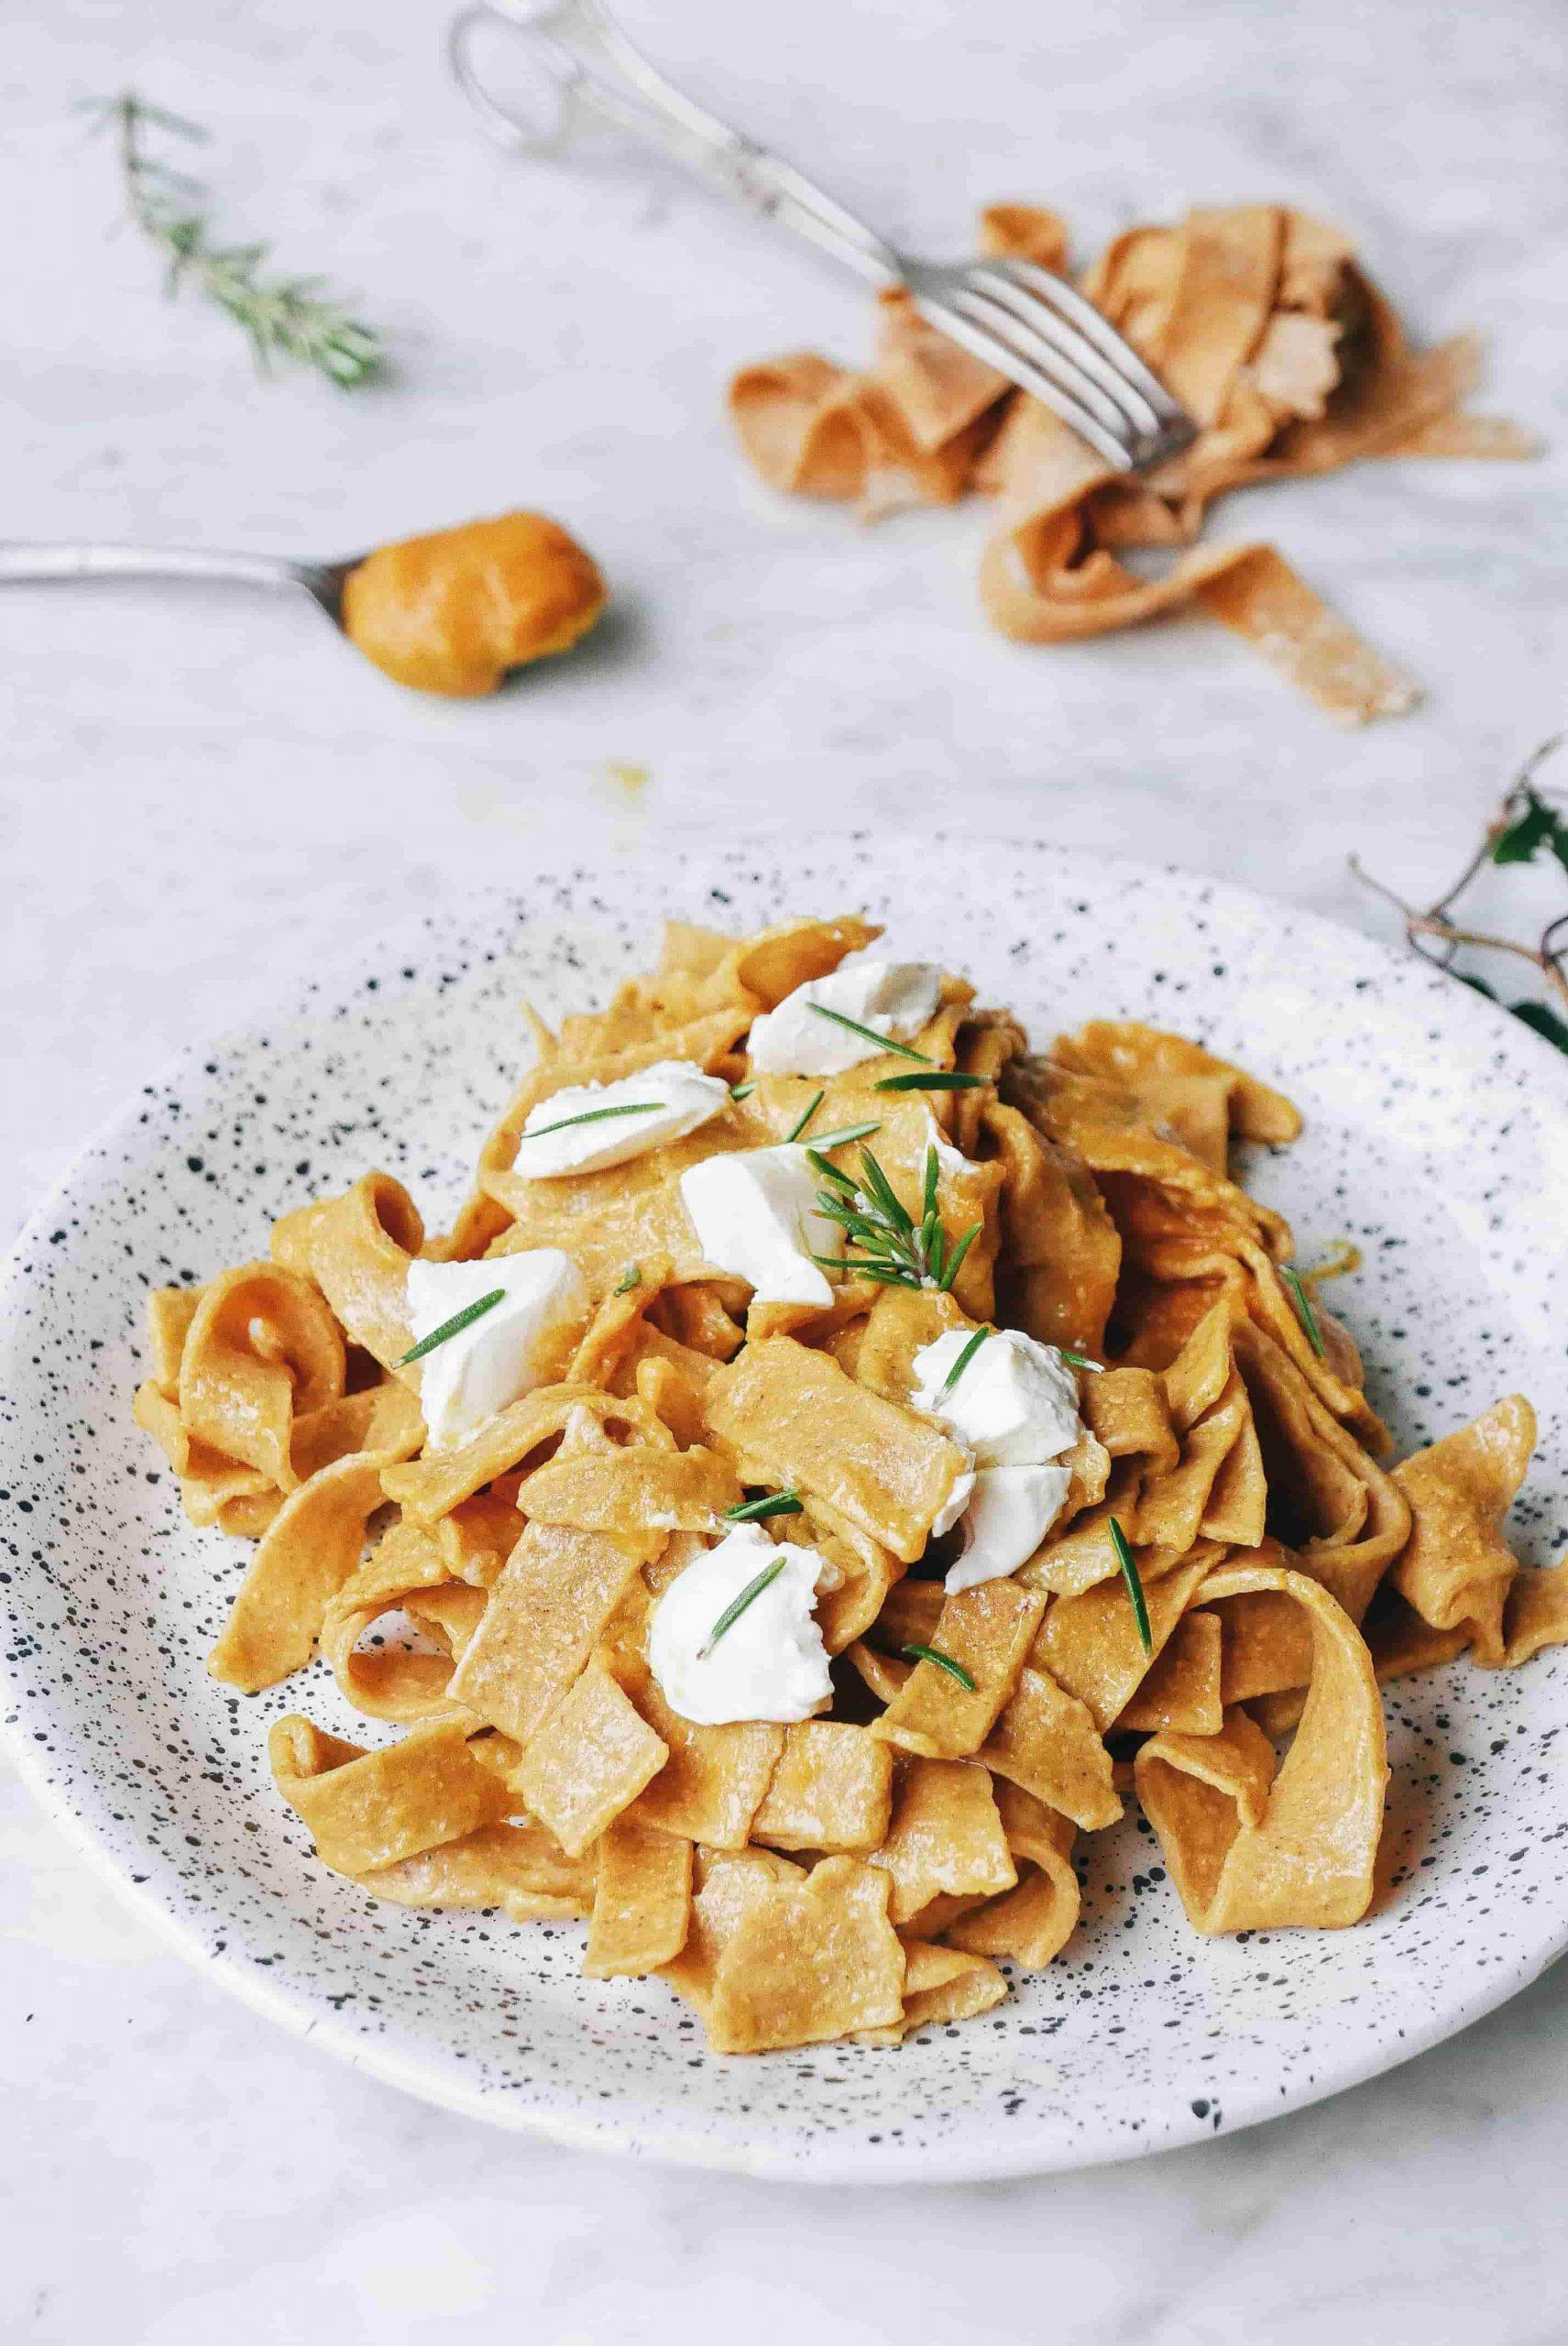 Recette pâte maison sans gluten saine sans repos chef privé France et Suisse